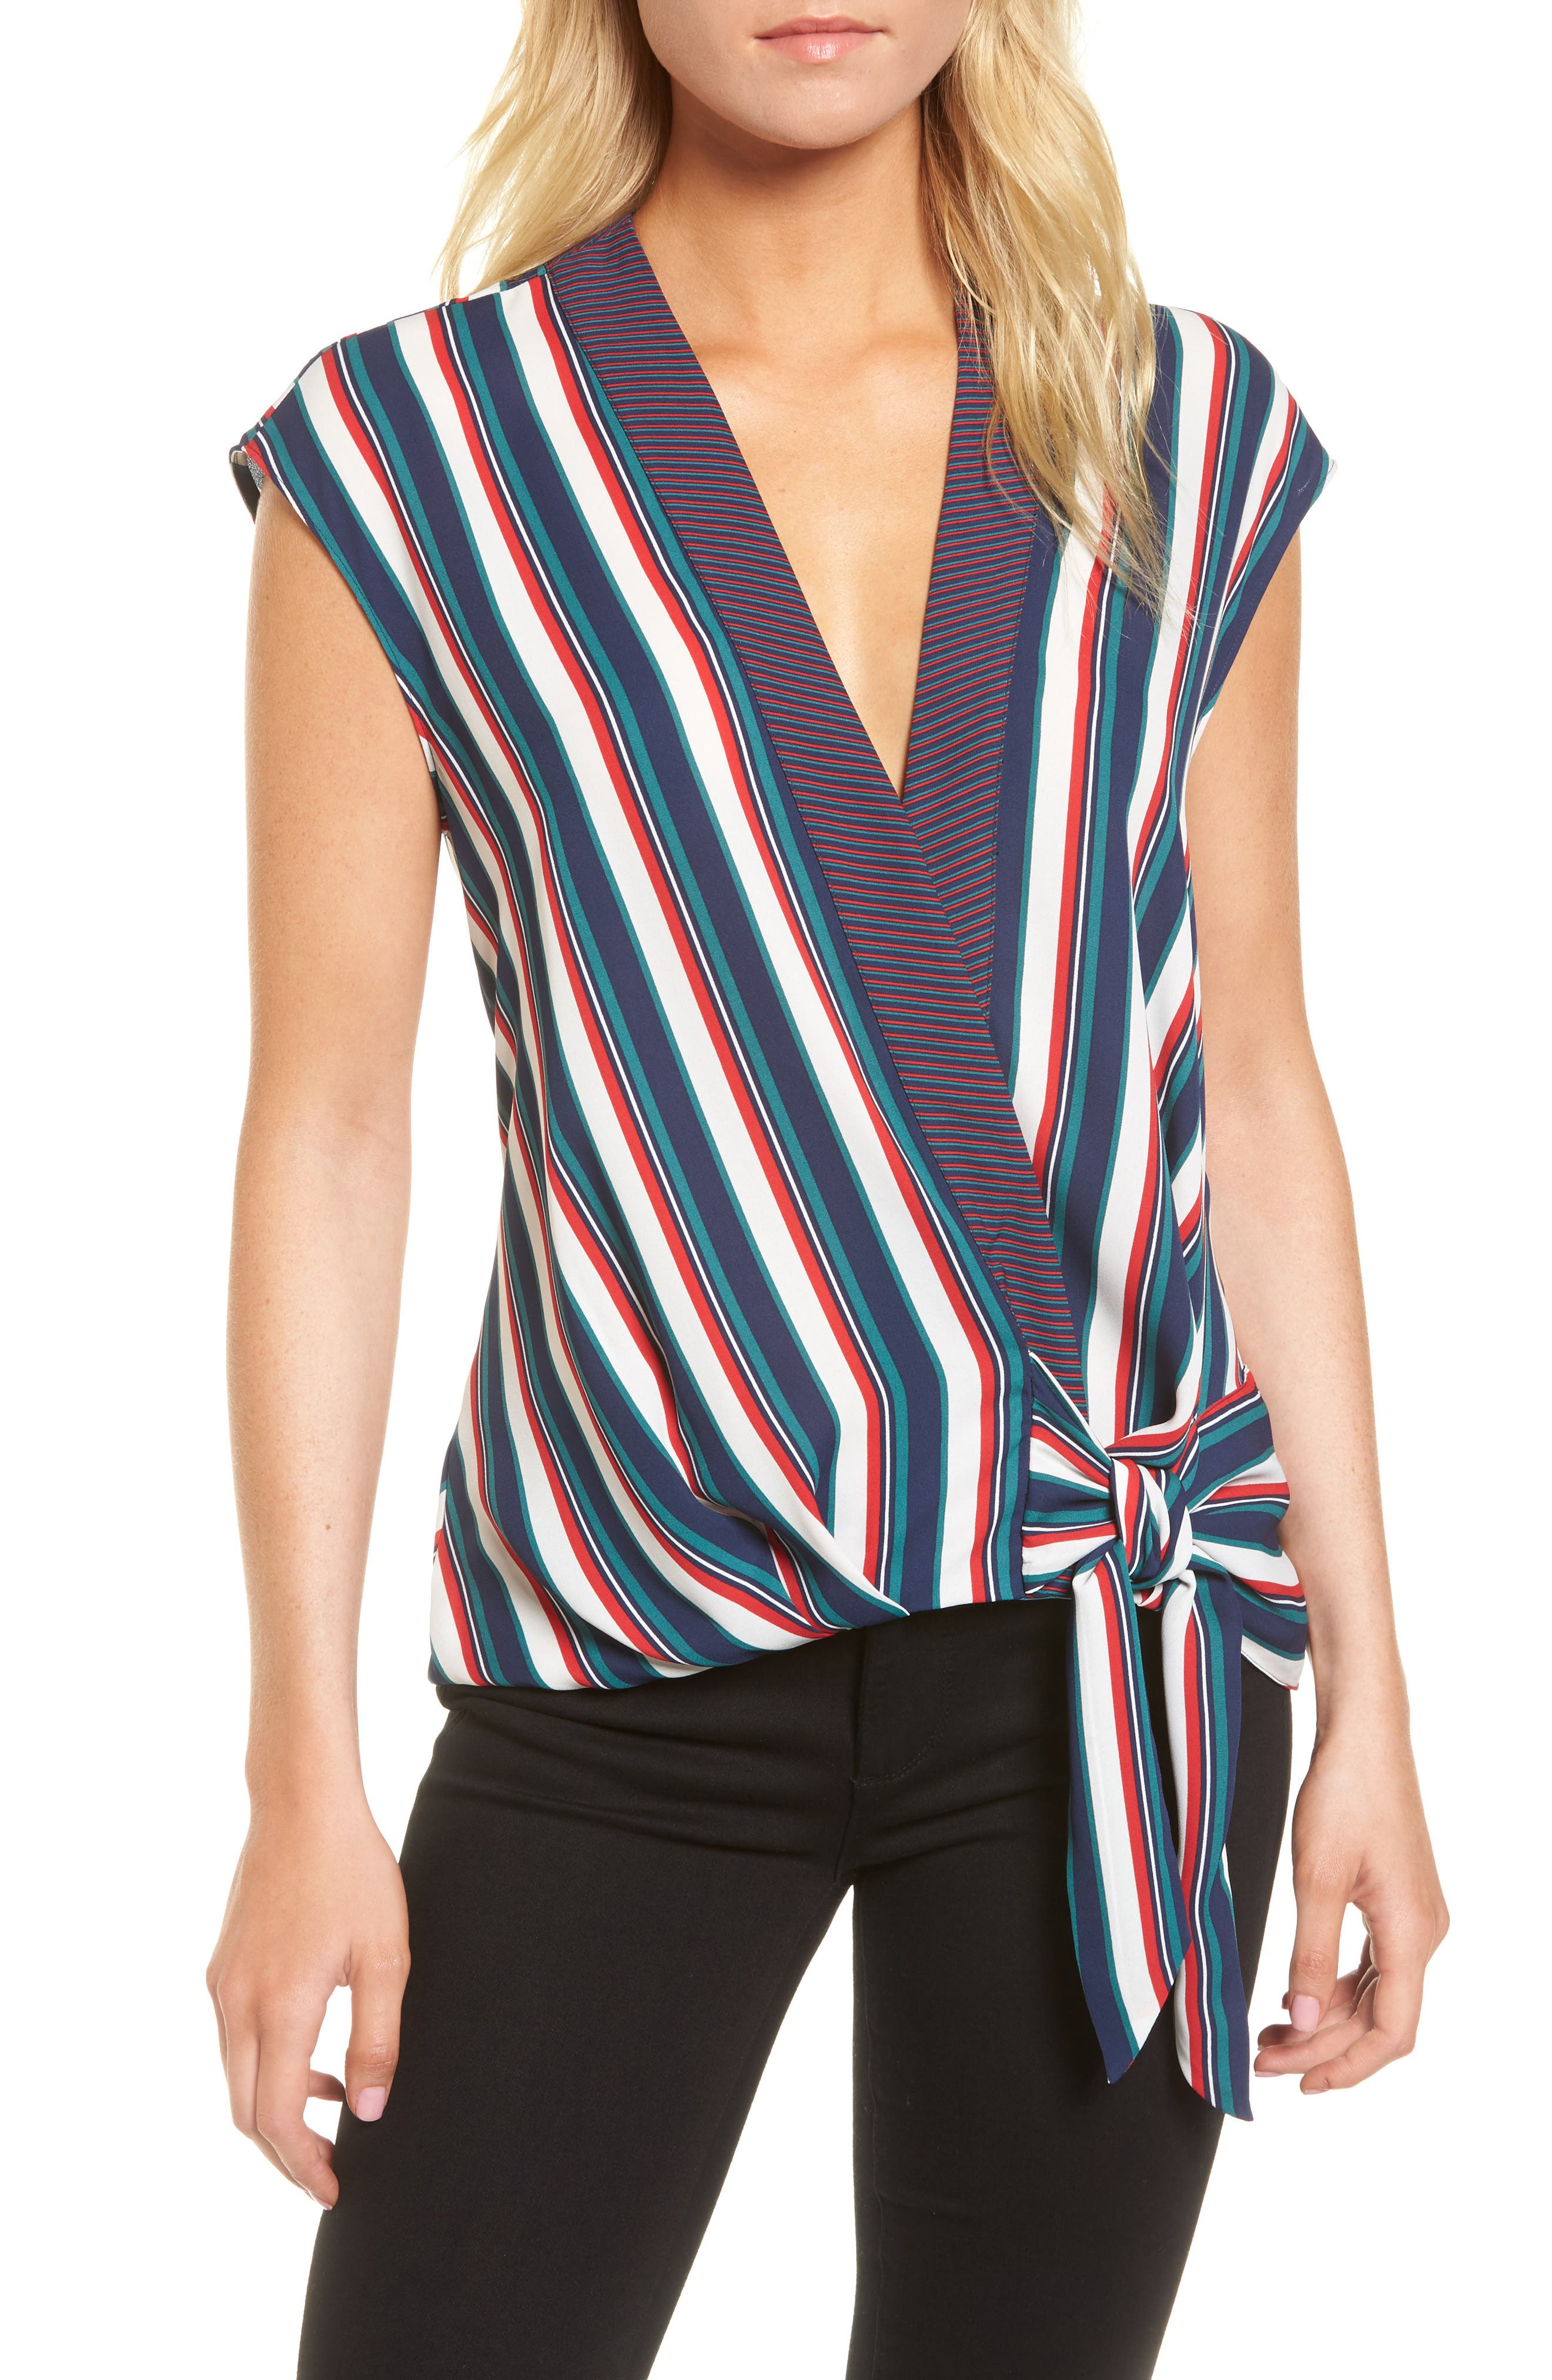 Trouvé Stripe Wrap Top